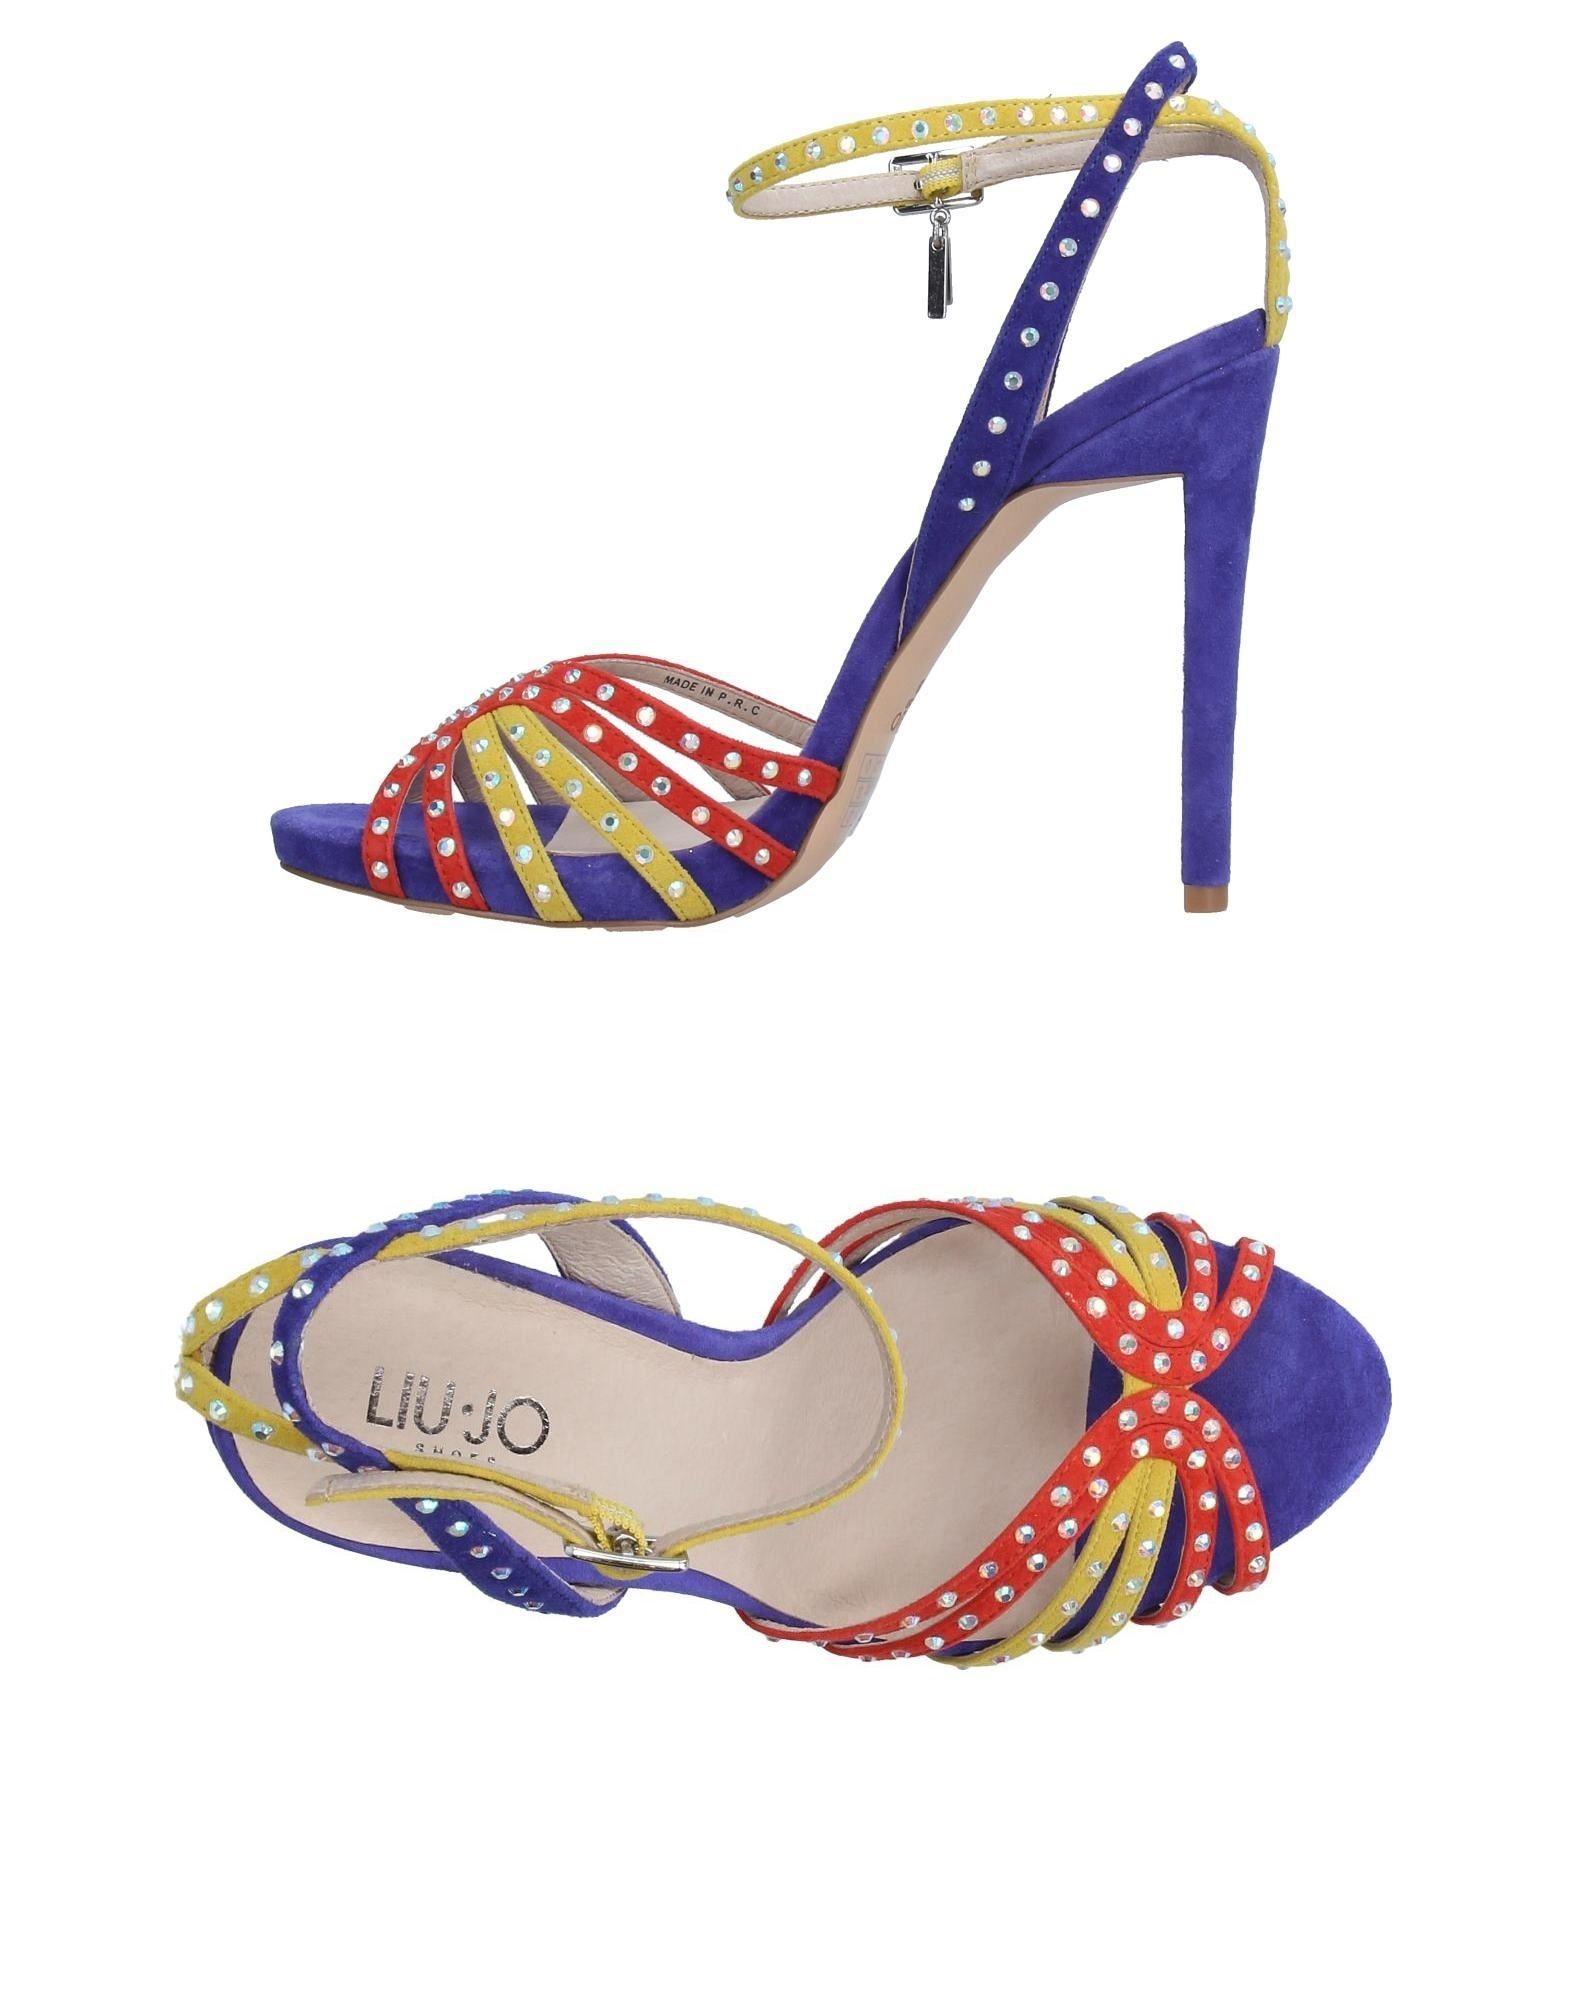 Liu •Jo Shoes Sandals Sandals Shoes - Women Liu •Jo Shoes Sandals online on  Australia - 11230026NX 17847e